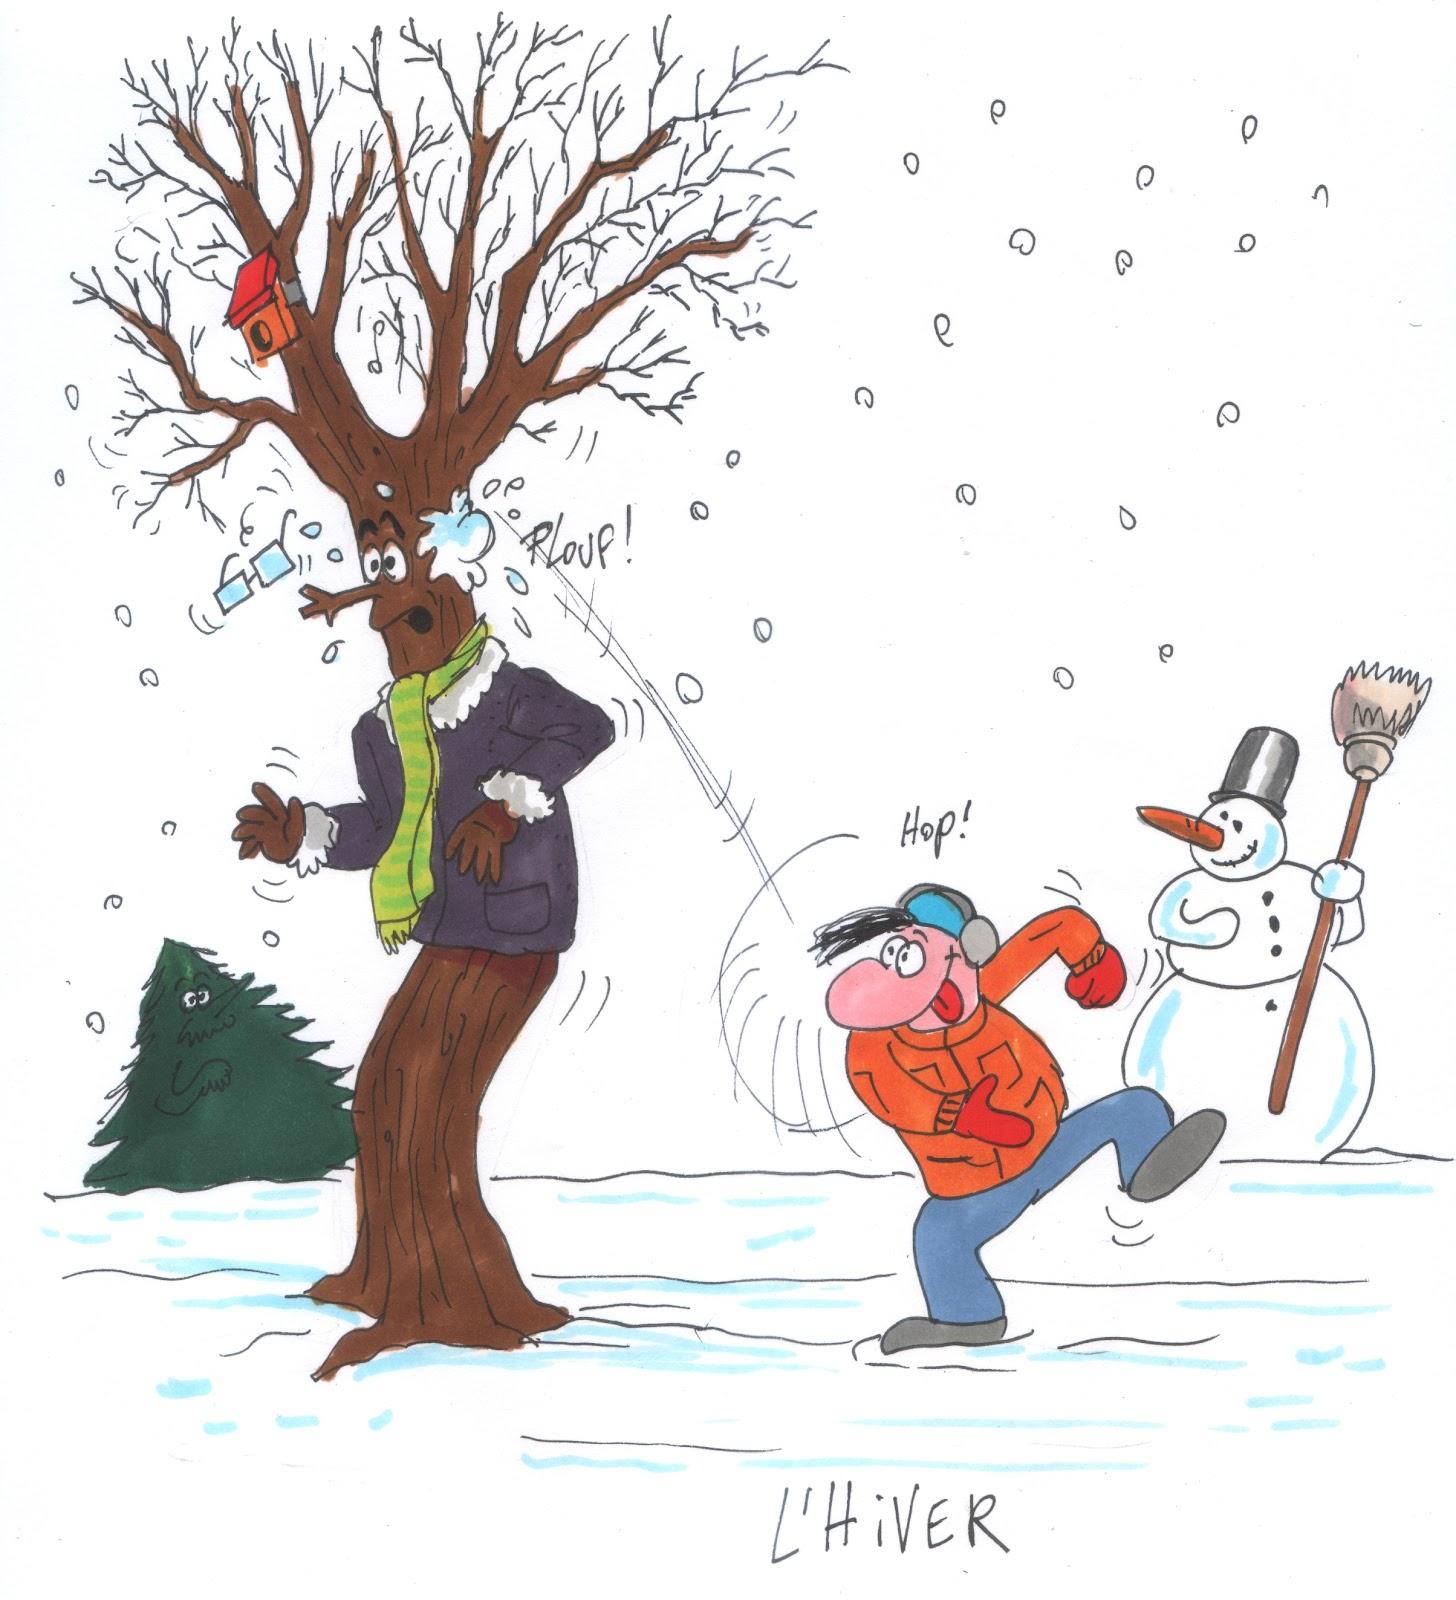 Le monde de catherine cointe c 39 est la belle vie pour les arbres - Dessin de l hiver ...